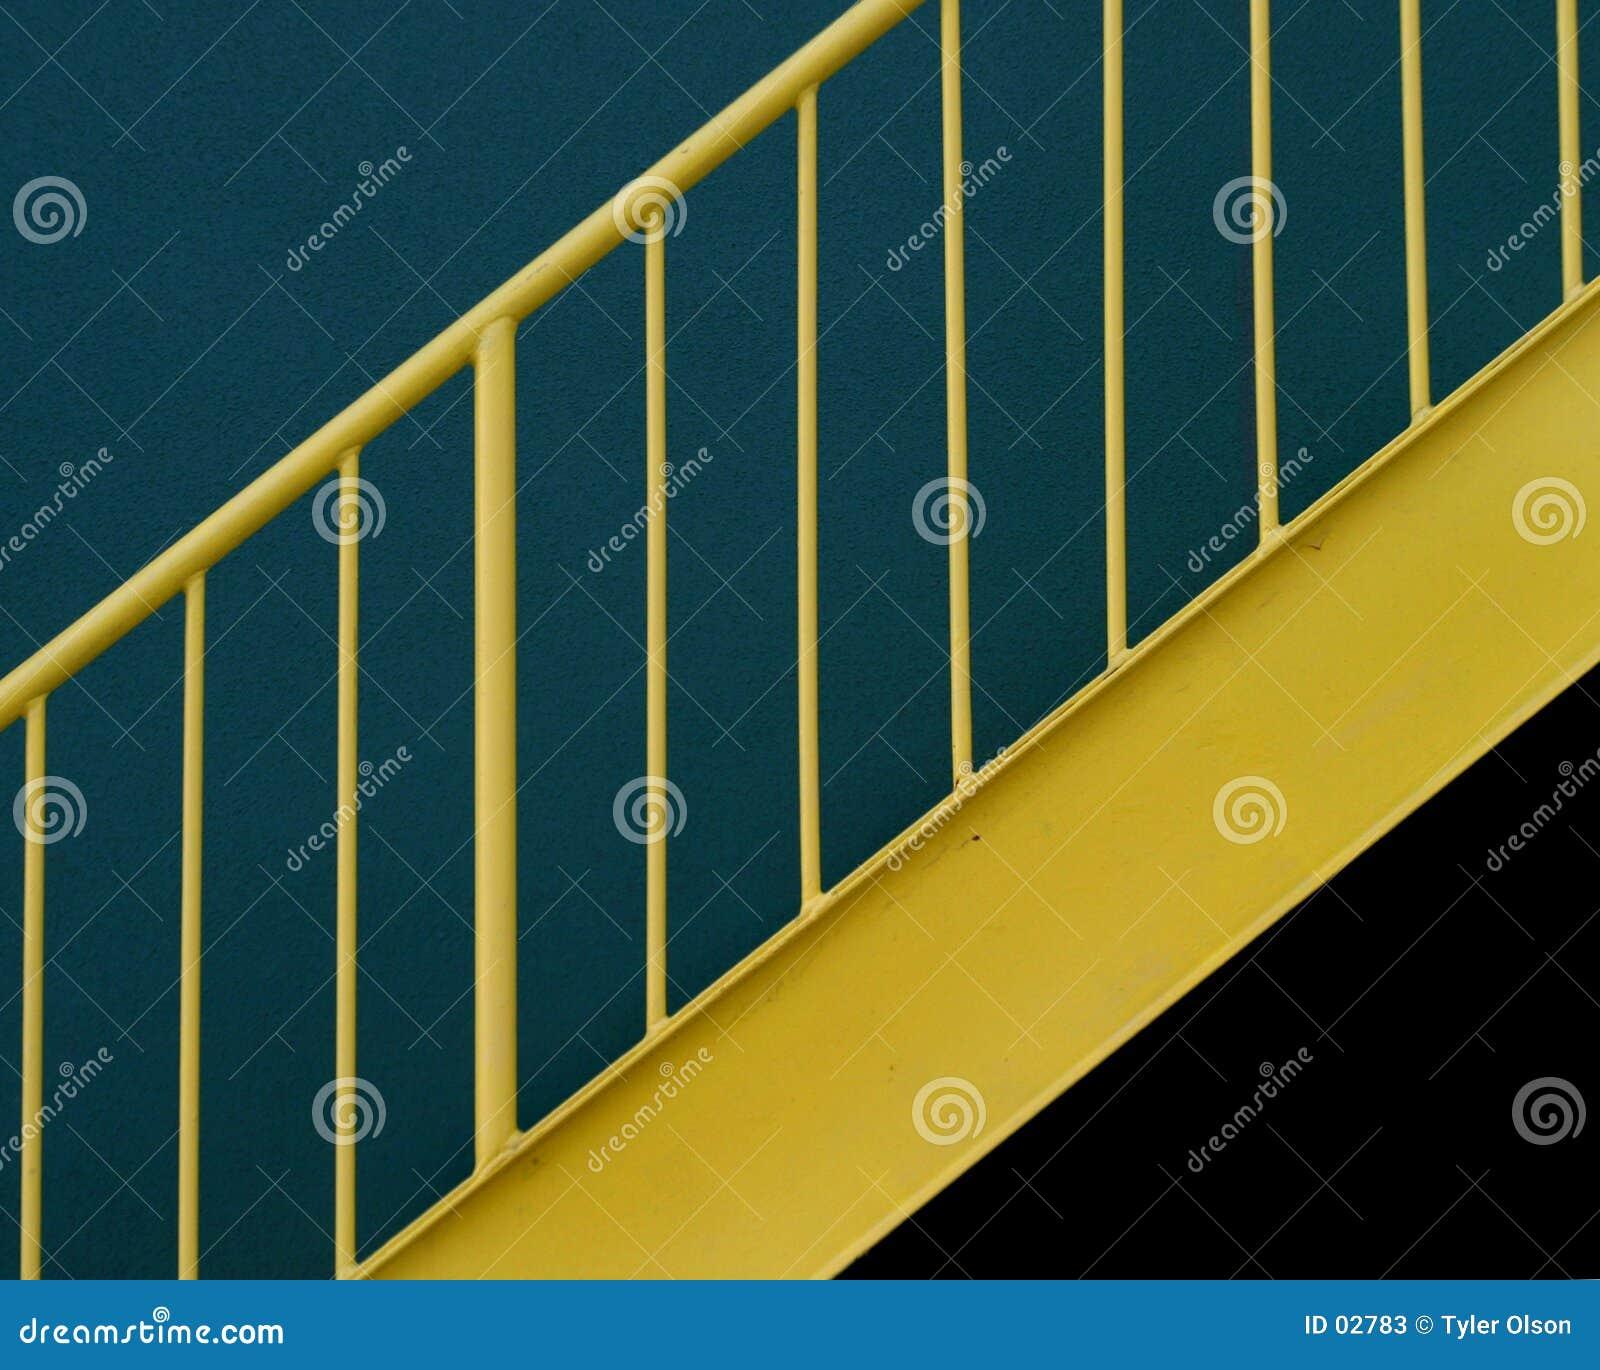 Stairs stock photos image